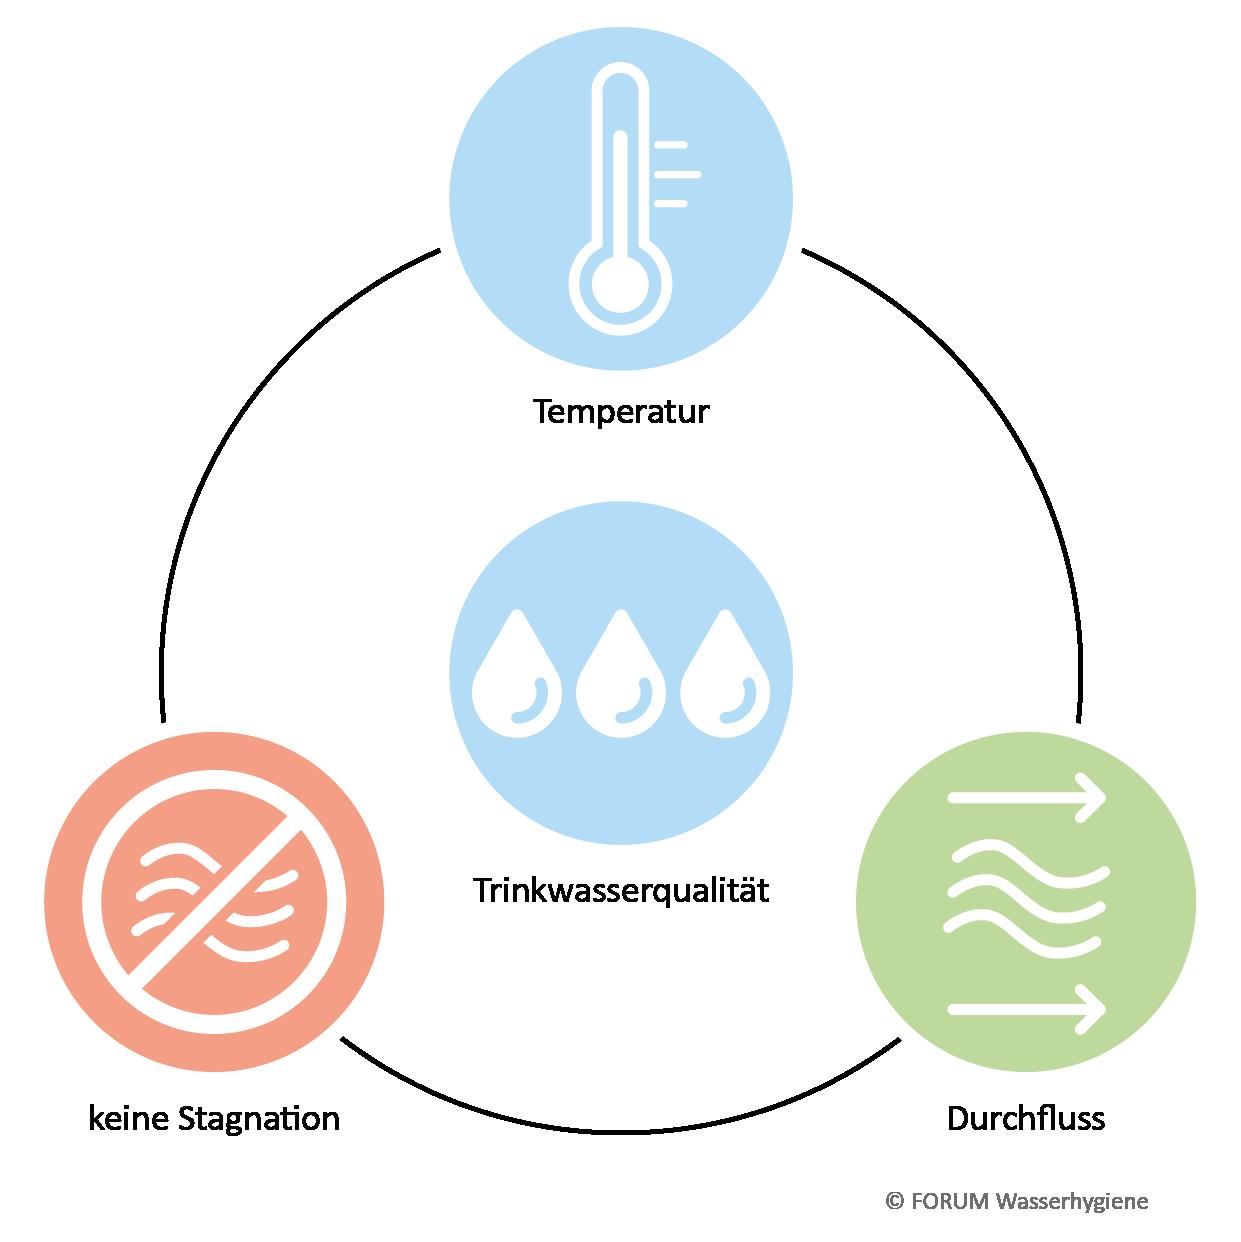 Die wesentlichen Faktoren für den Erhalt der Trinkwasserqualität in Gebäuden